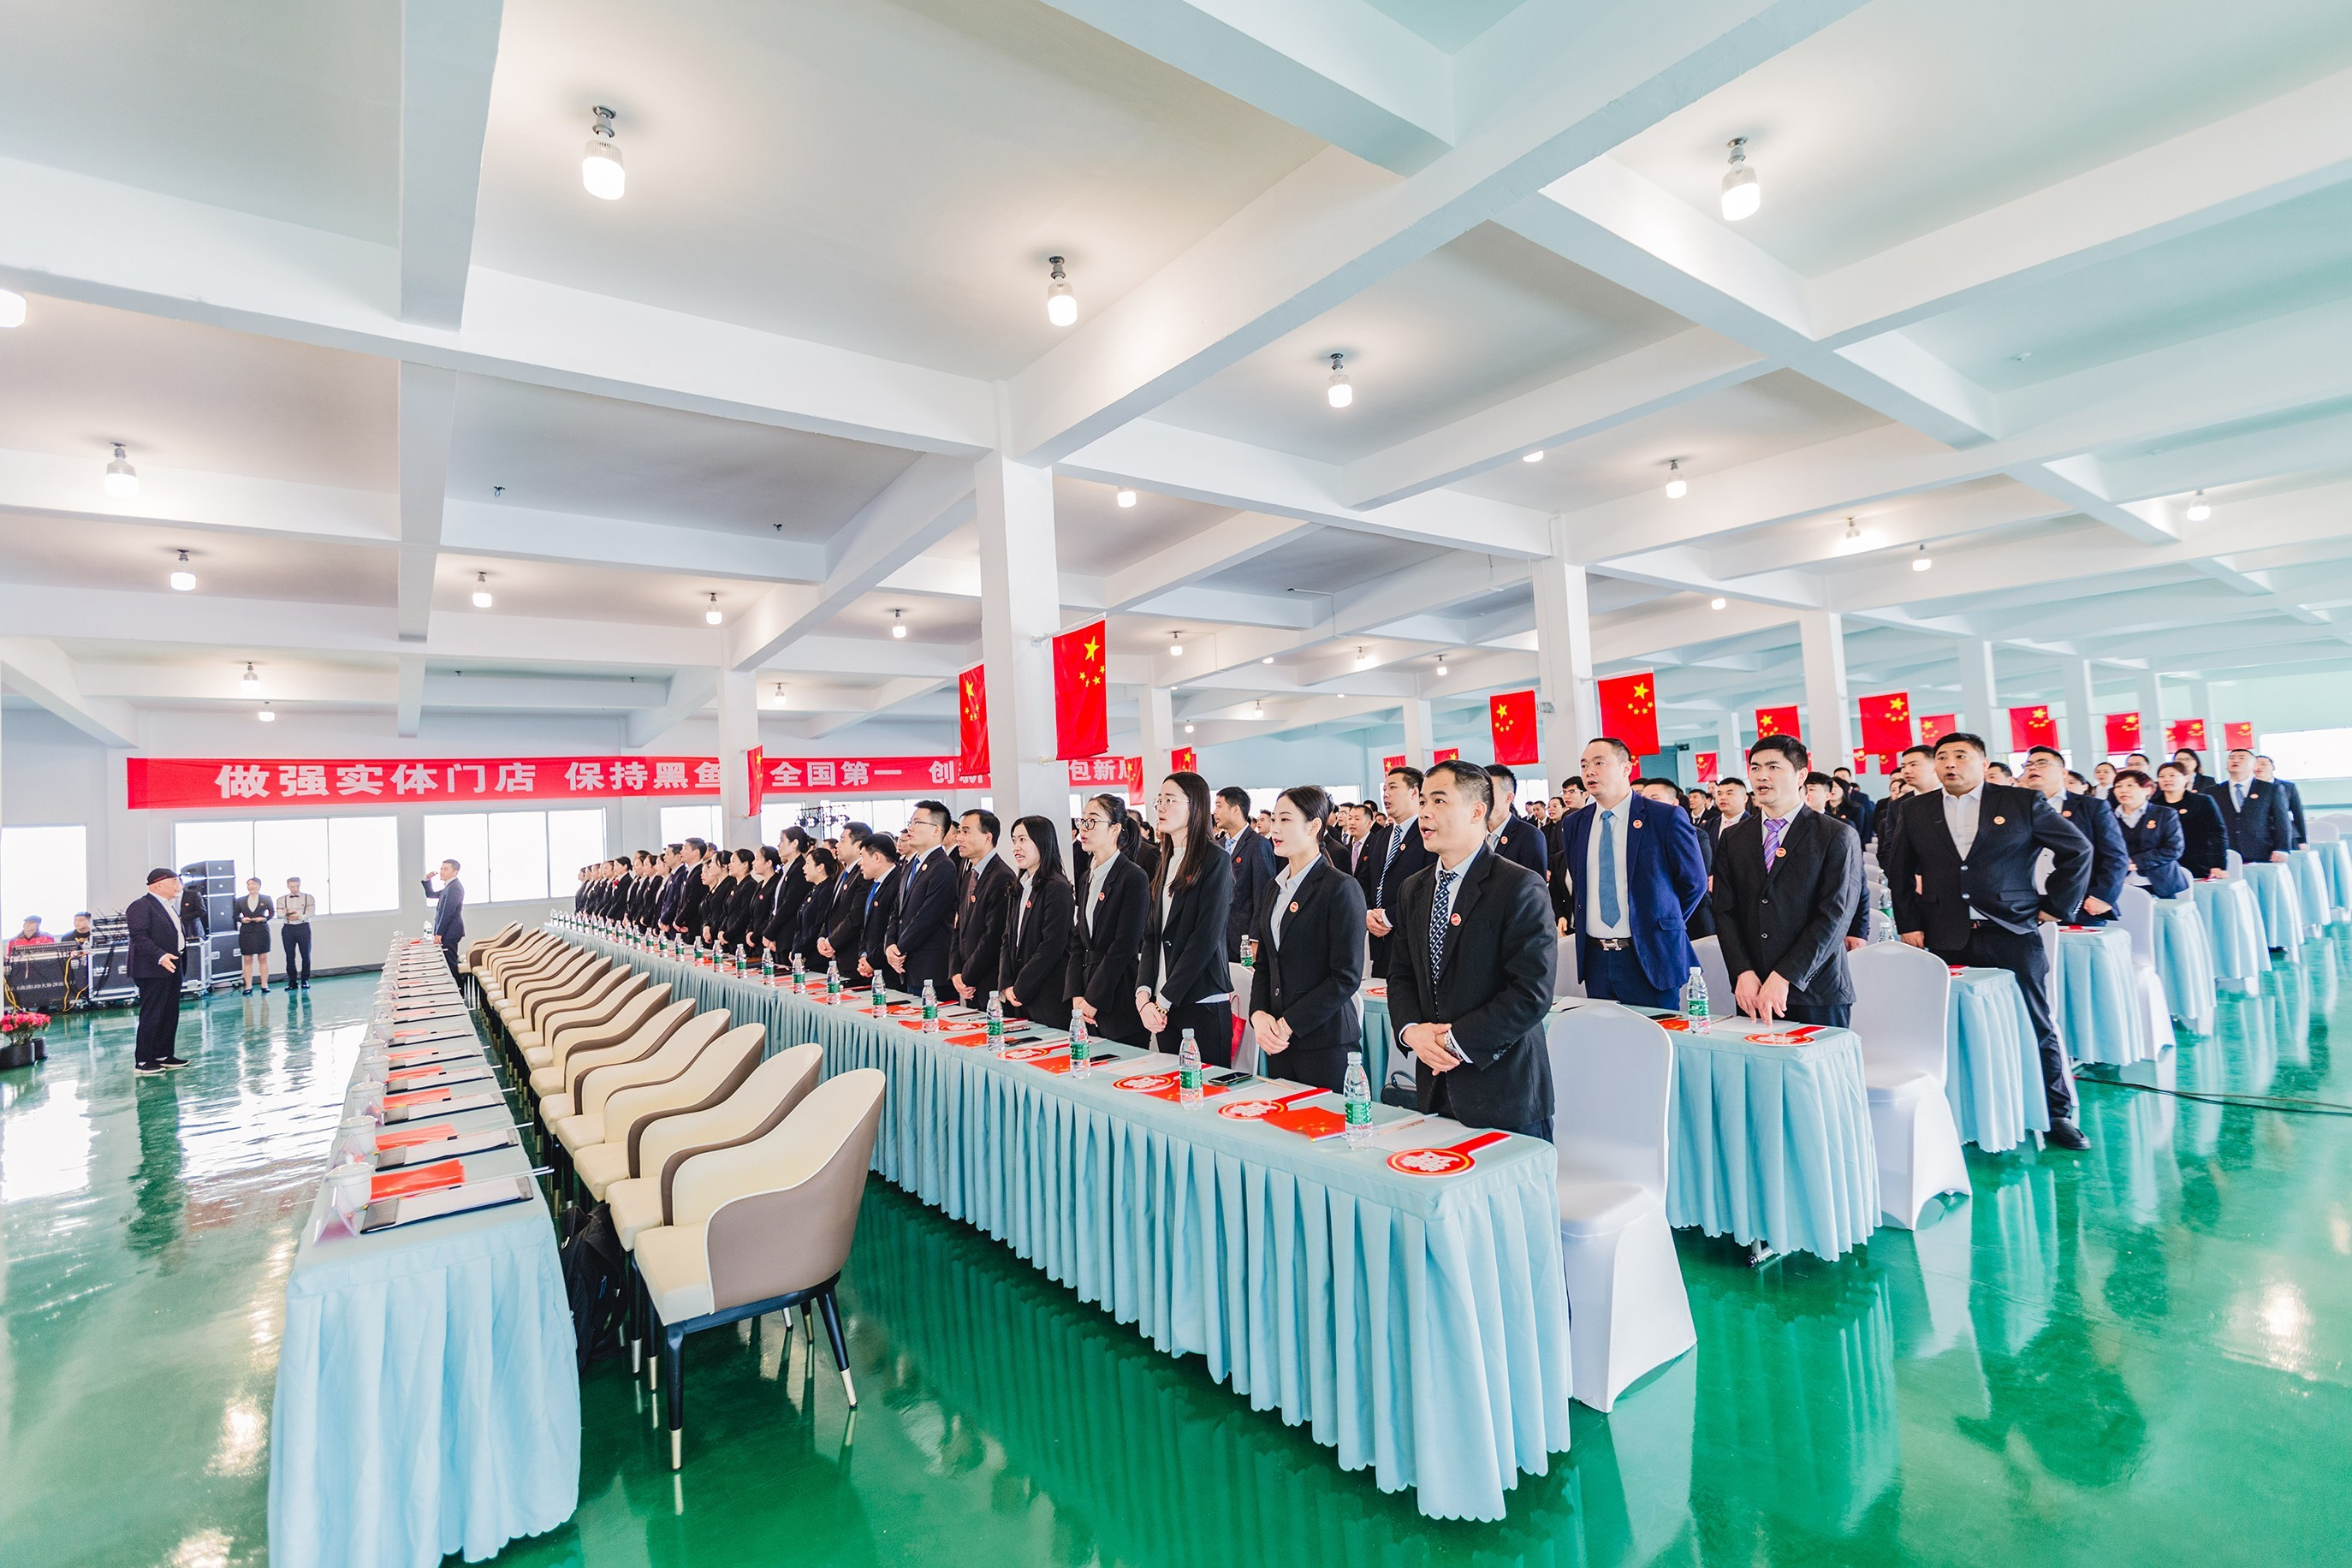 江苏水天堂餐饮管理有限公司